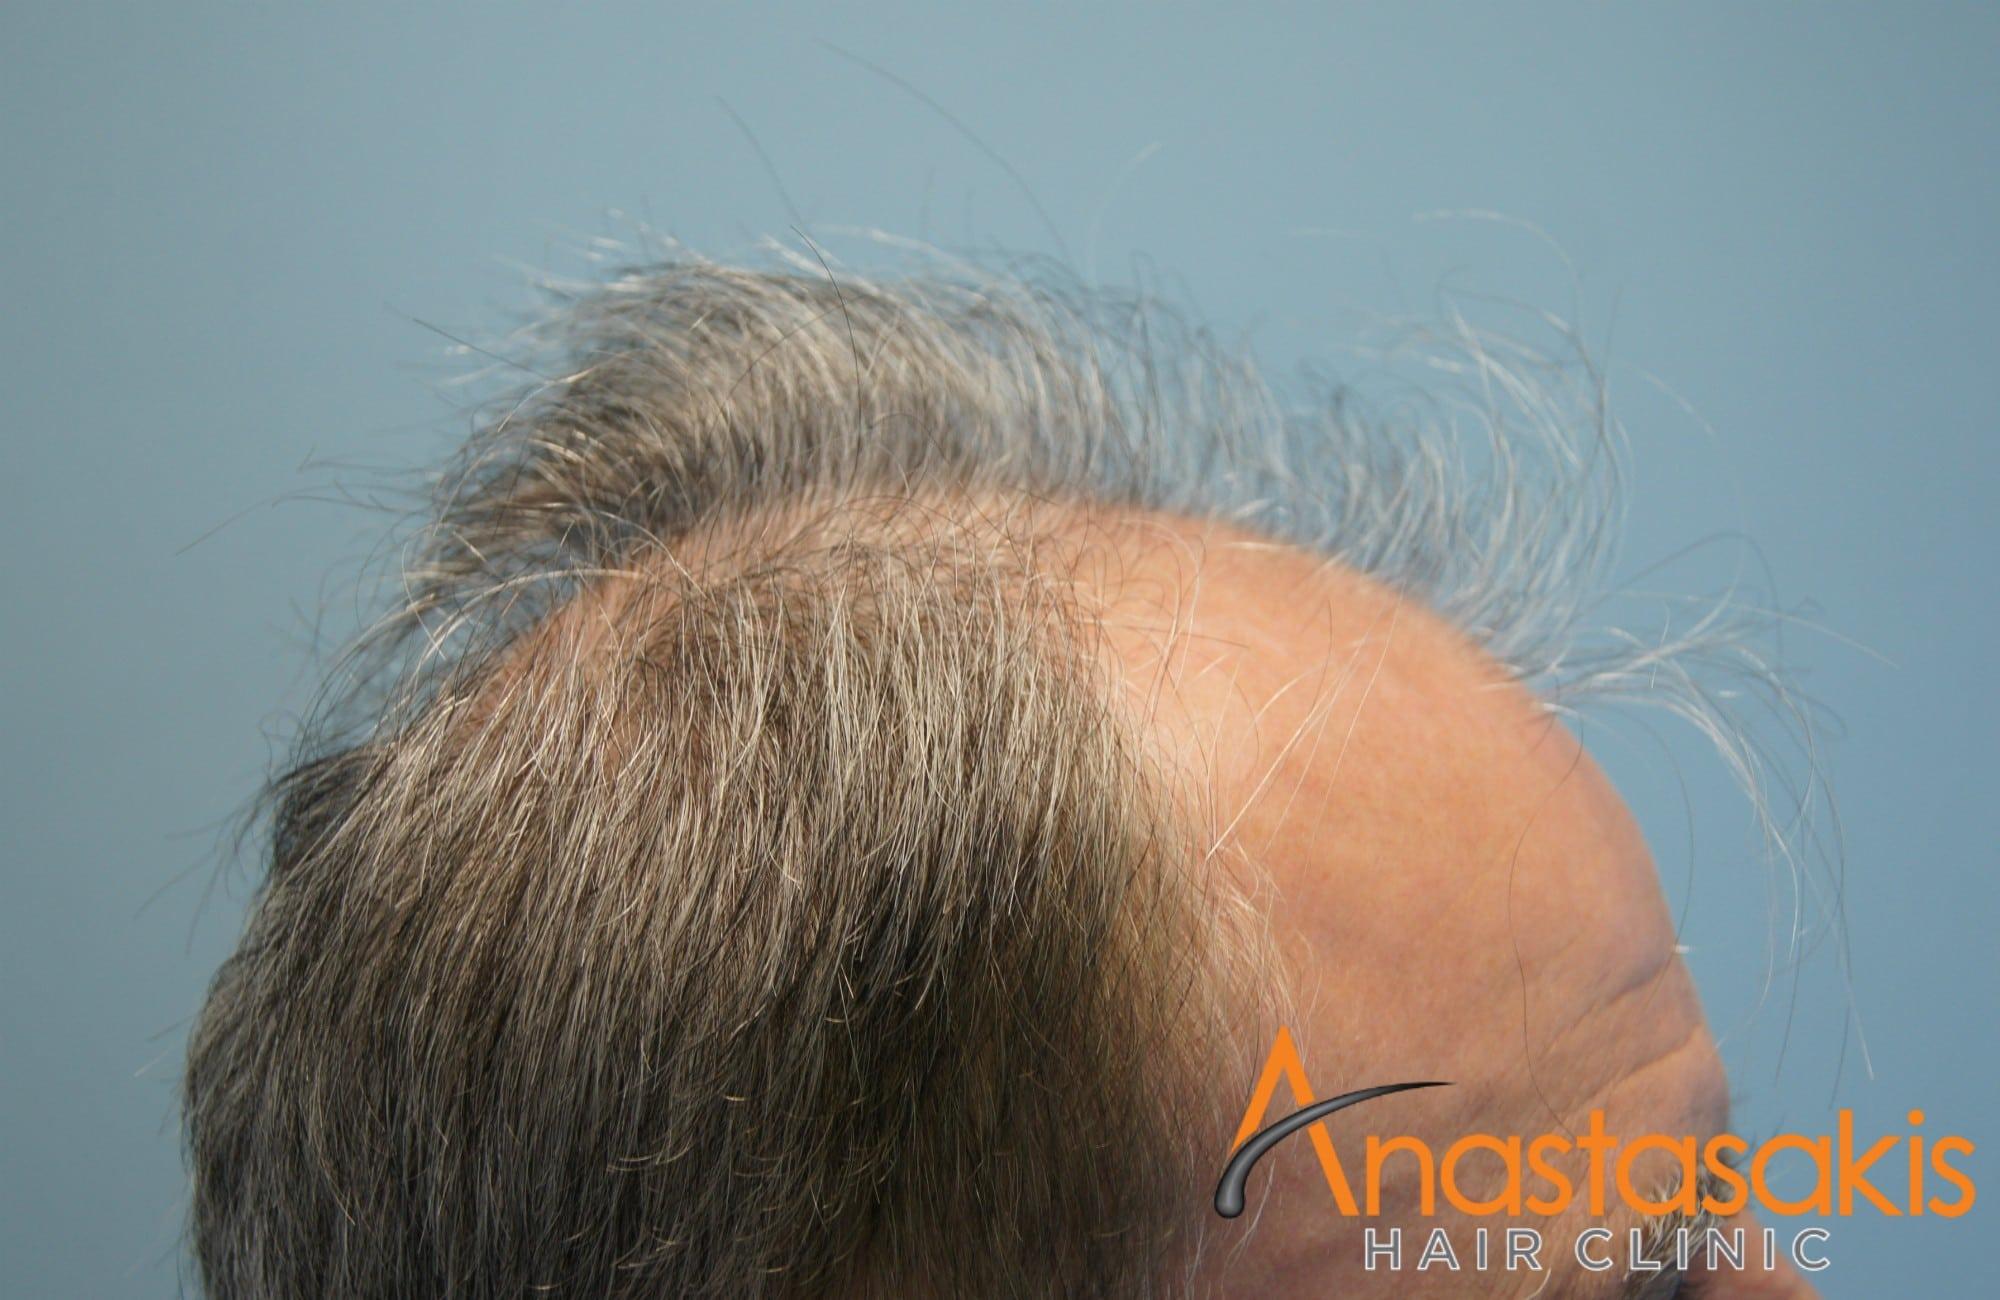 αριστερο προφιλ ασθενους πριν τη μεταμοσχευση μαλλιων με 3650 fus